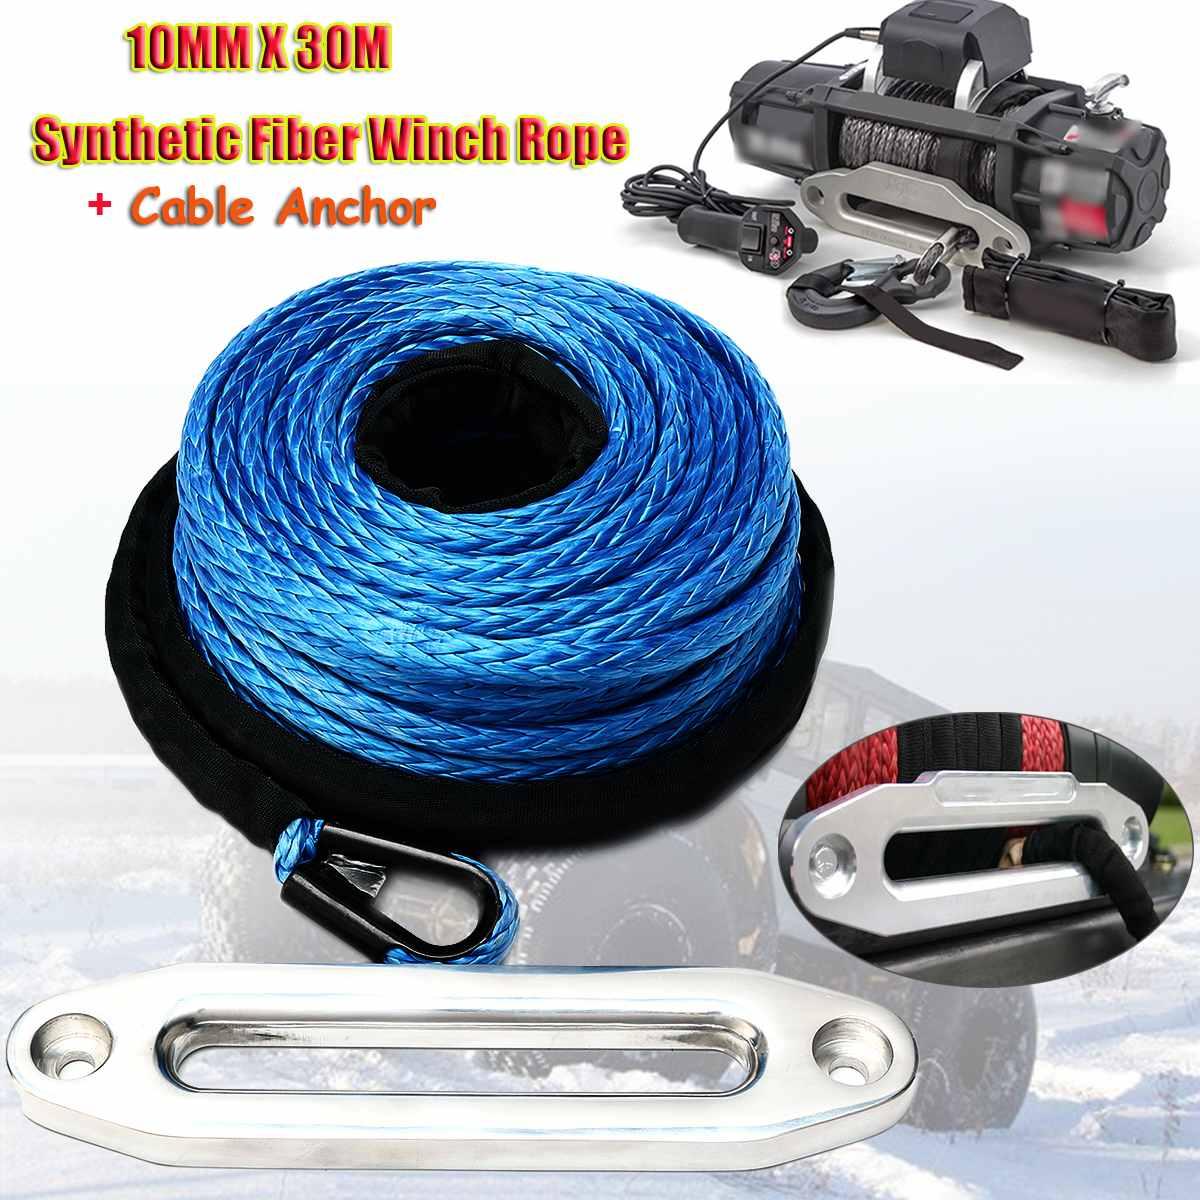 Nieuwe 10 Mm X 30 M Blauw Winch Line Sleepkabel Synthetische Vezel Touw 23,809Lbs Plasma Touw Met Anker Voor 4X4 Offroad